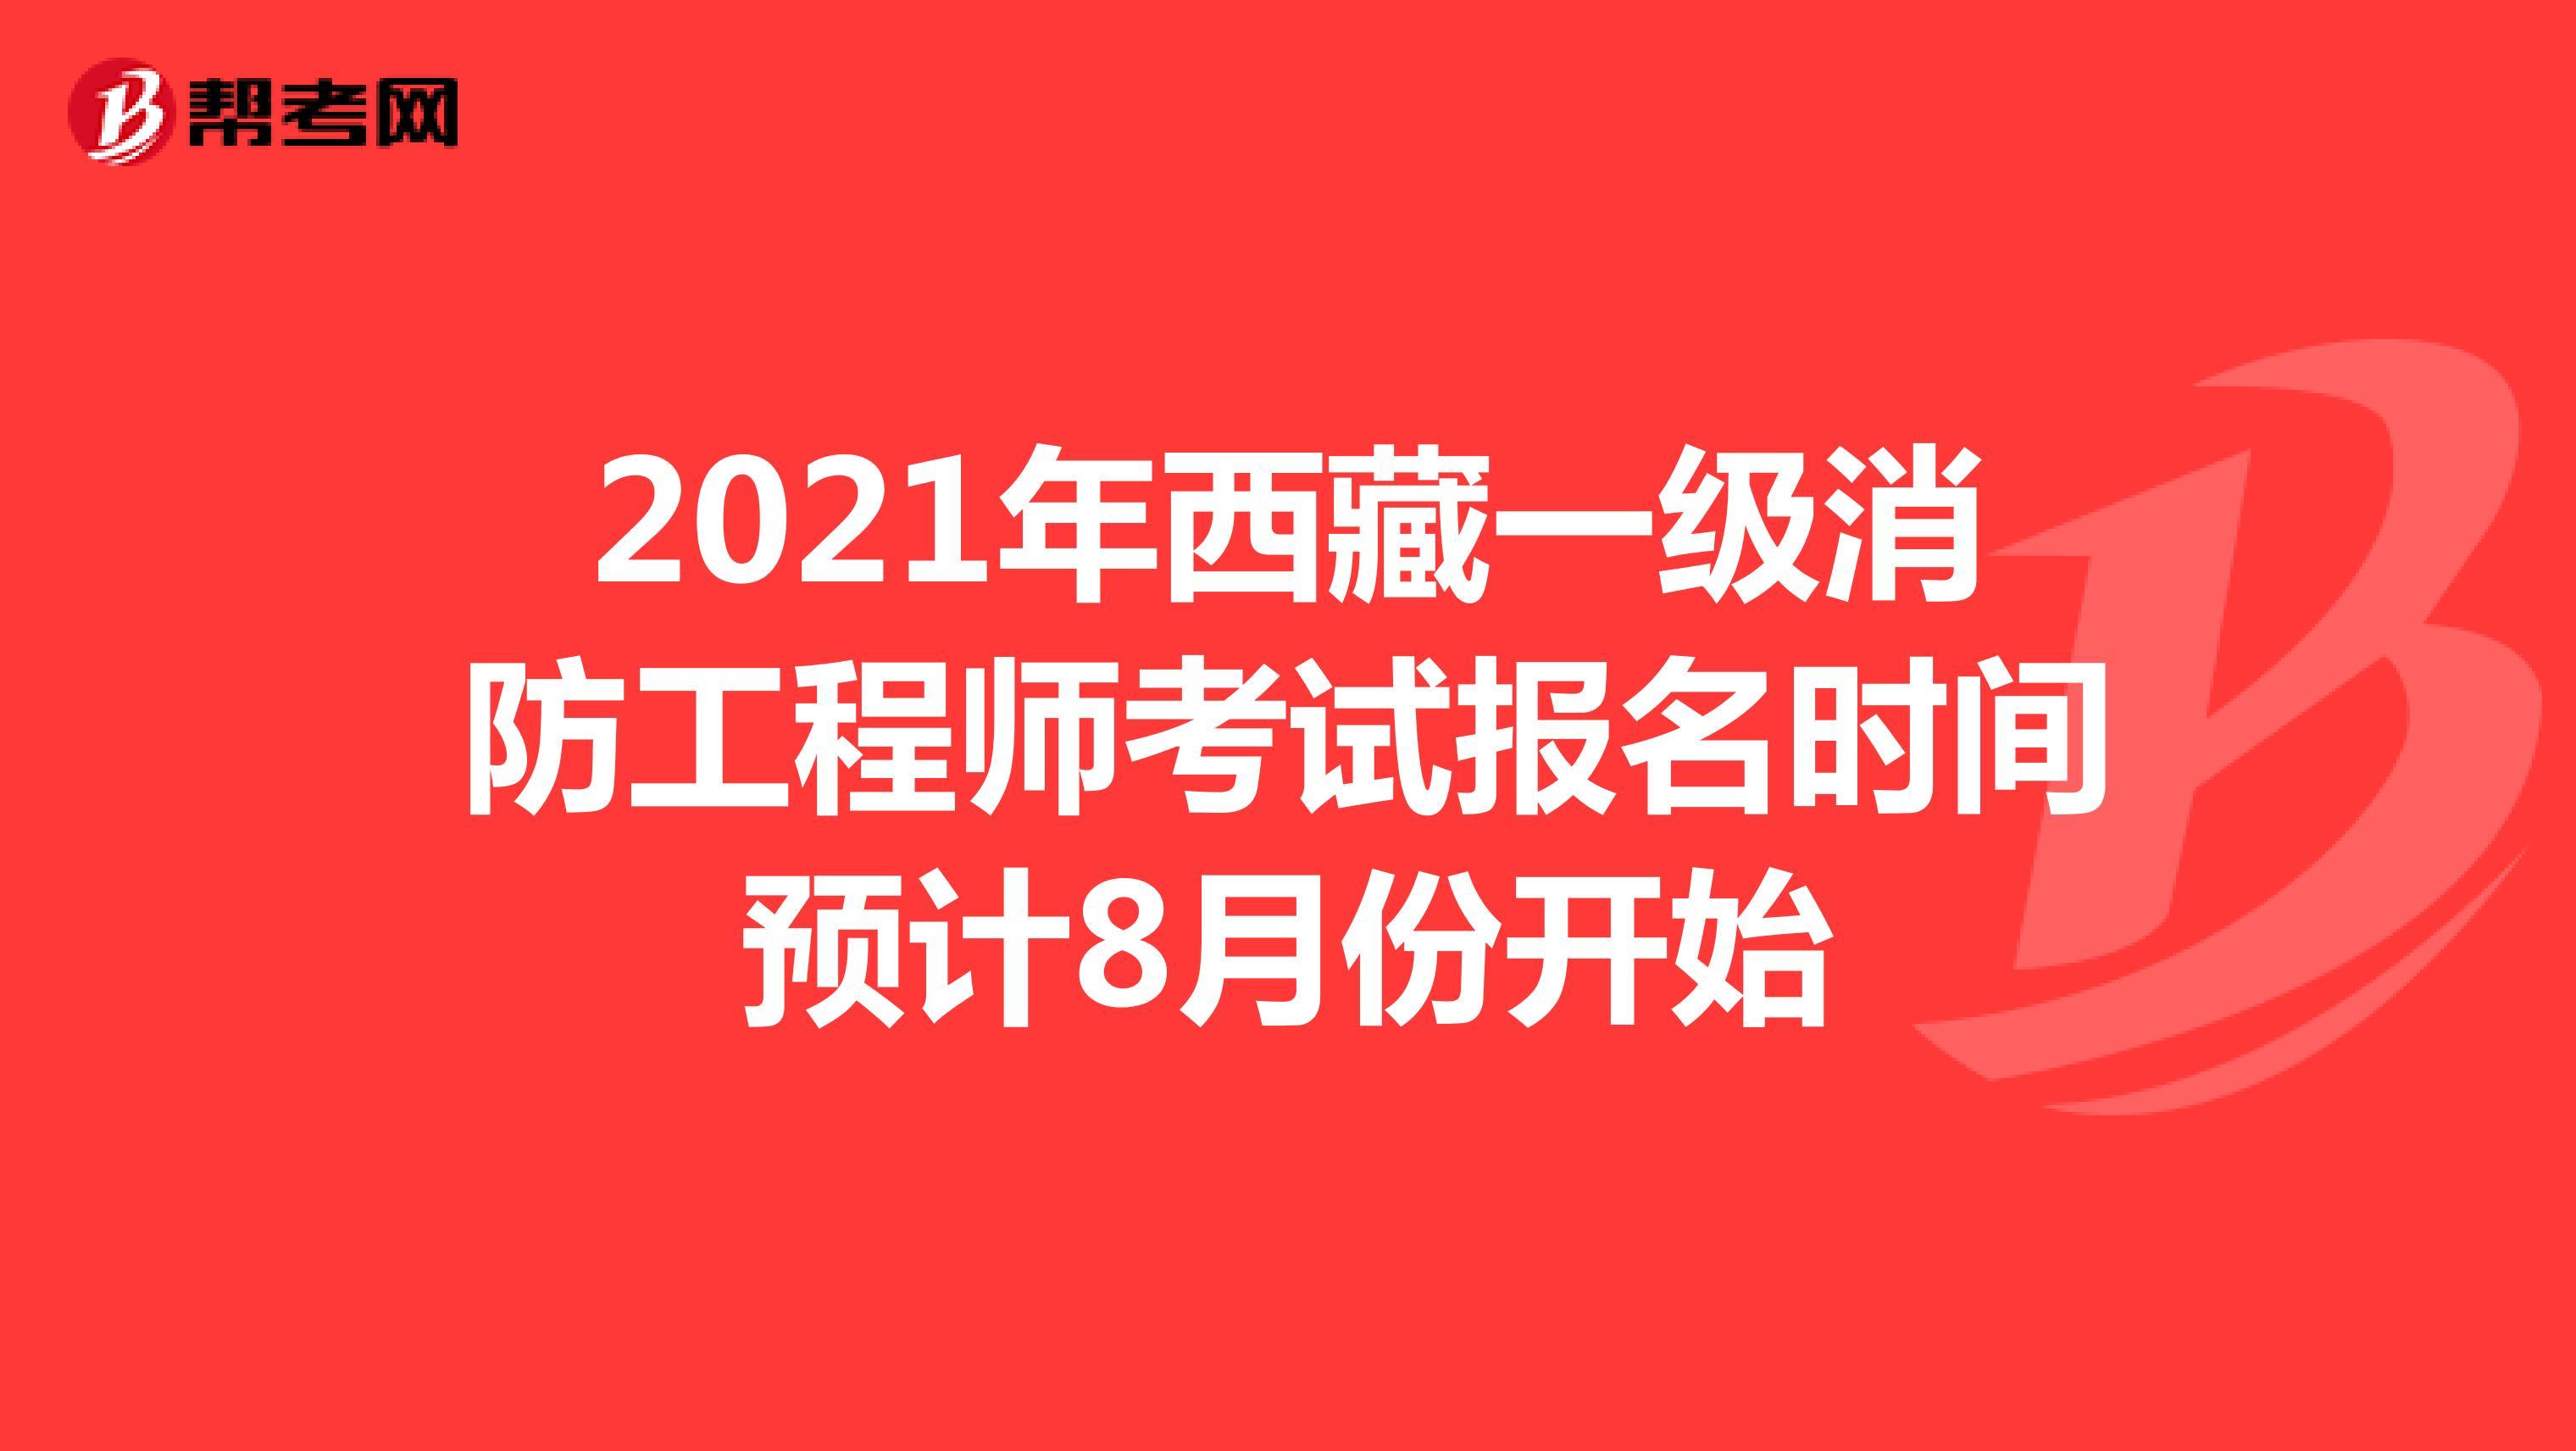 2021年西藏一级消防工程师考试报名时间预计8月份开始